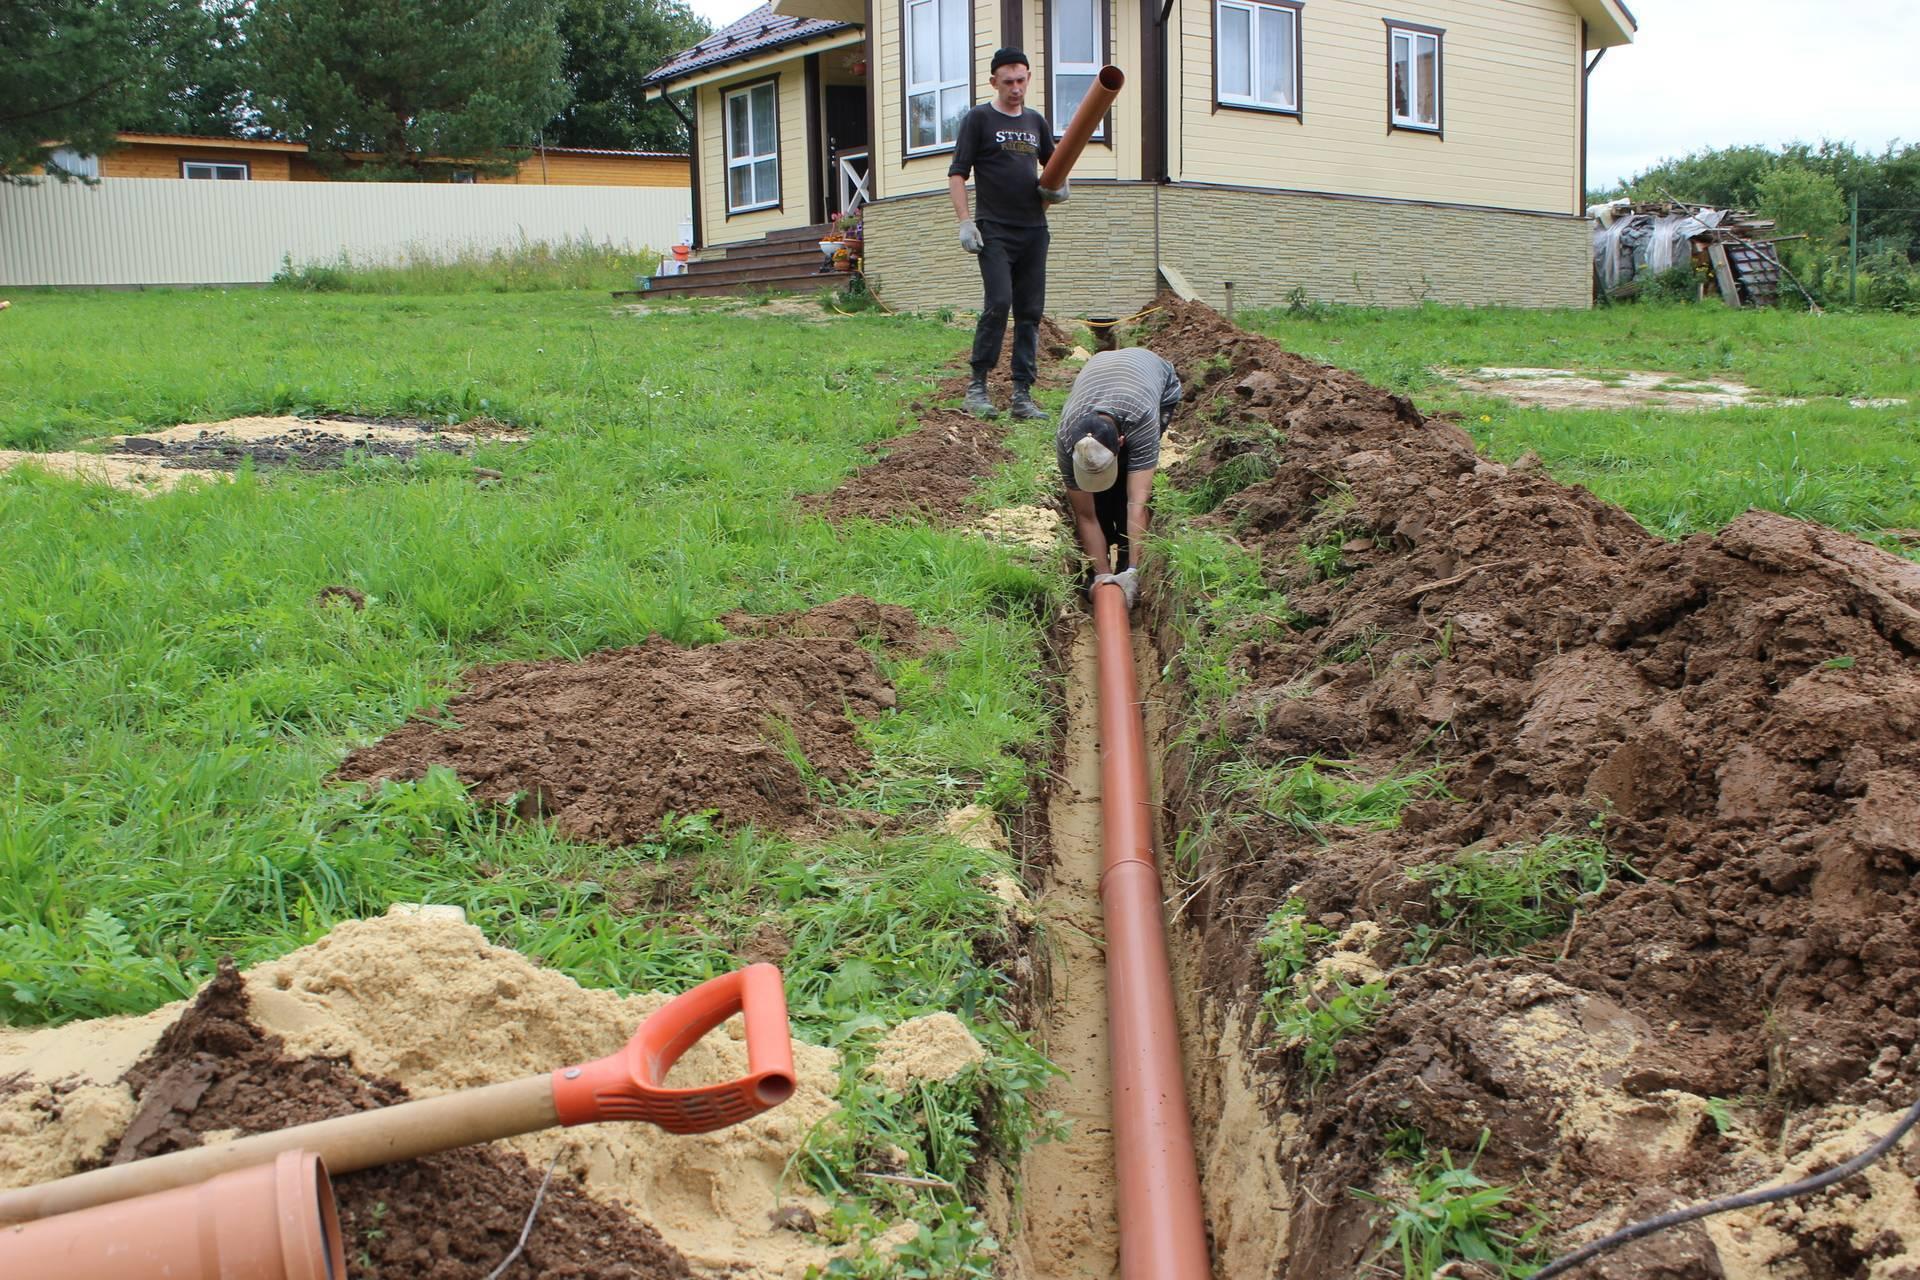 Укладка канализационных труб в траншею – как выполняется + видео